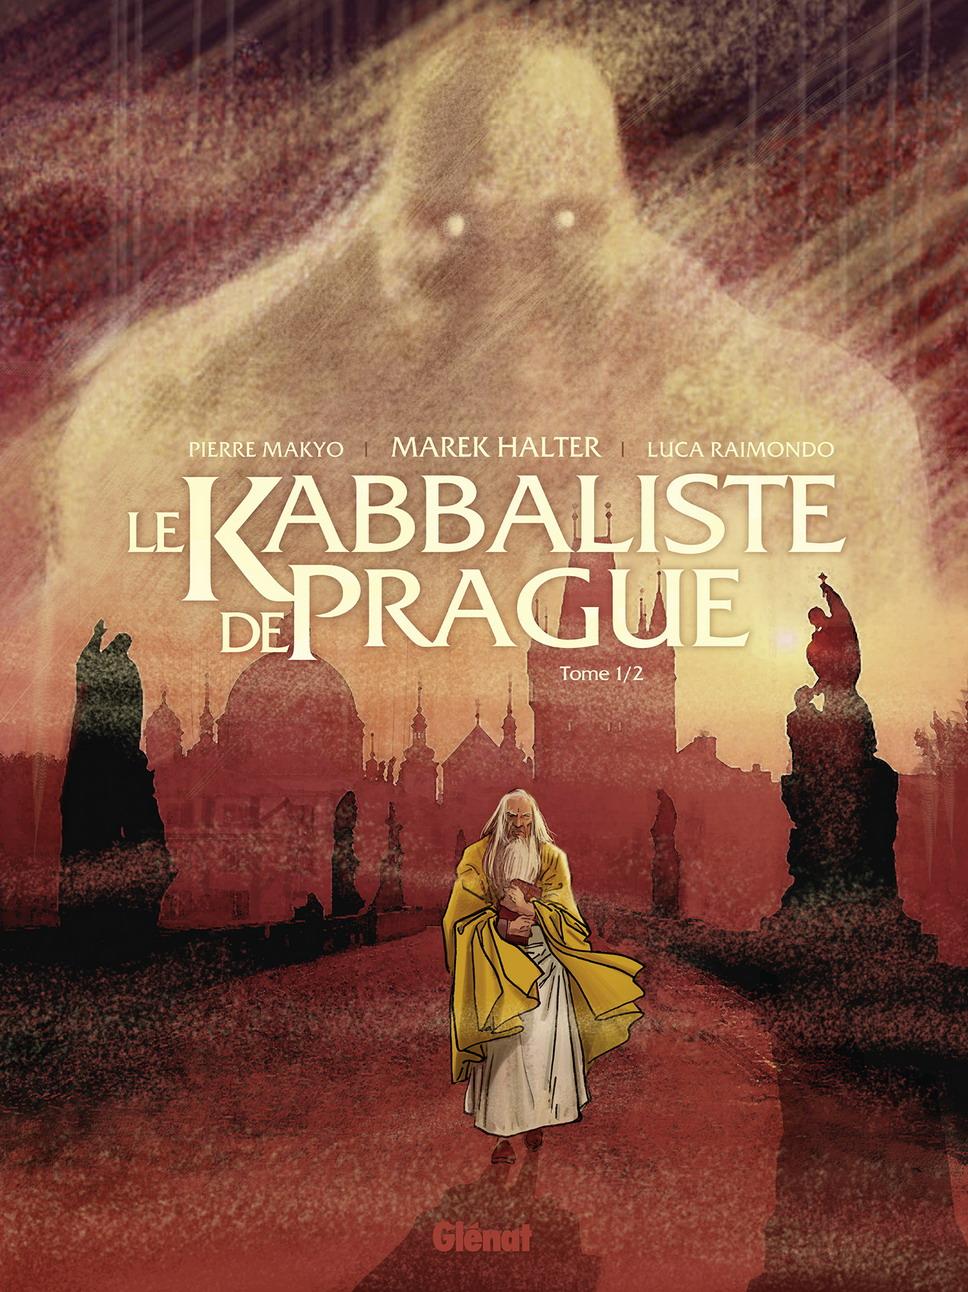 Couverture BD Le Kabbaliste de Prague, Tome 1 / 2